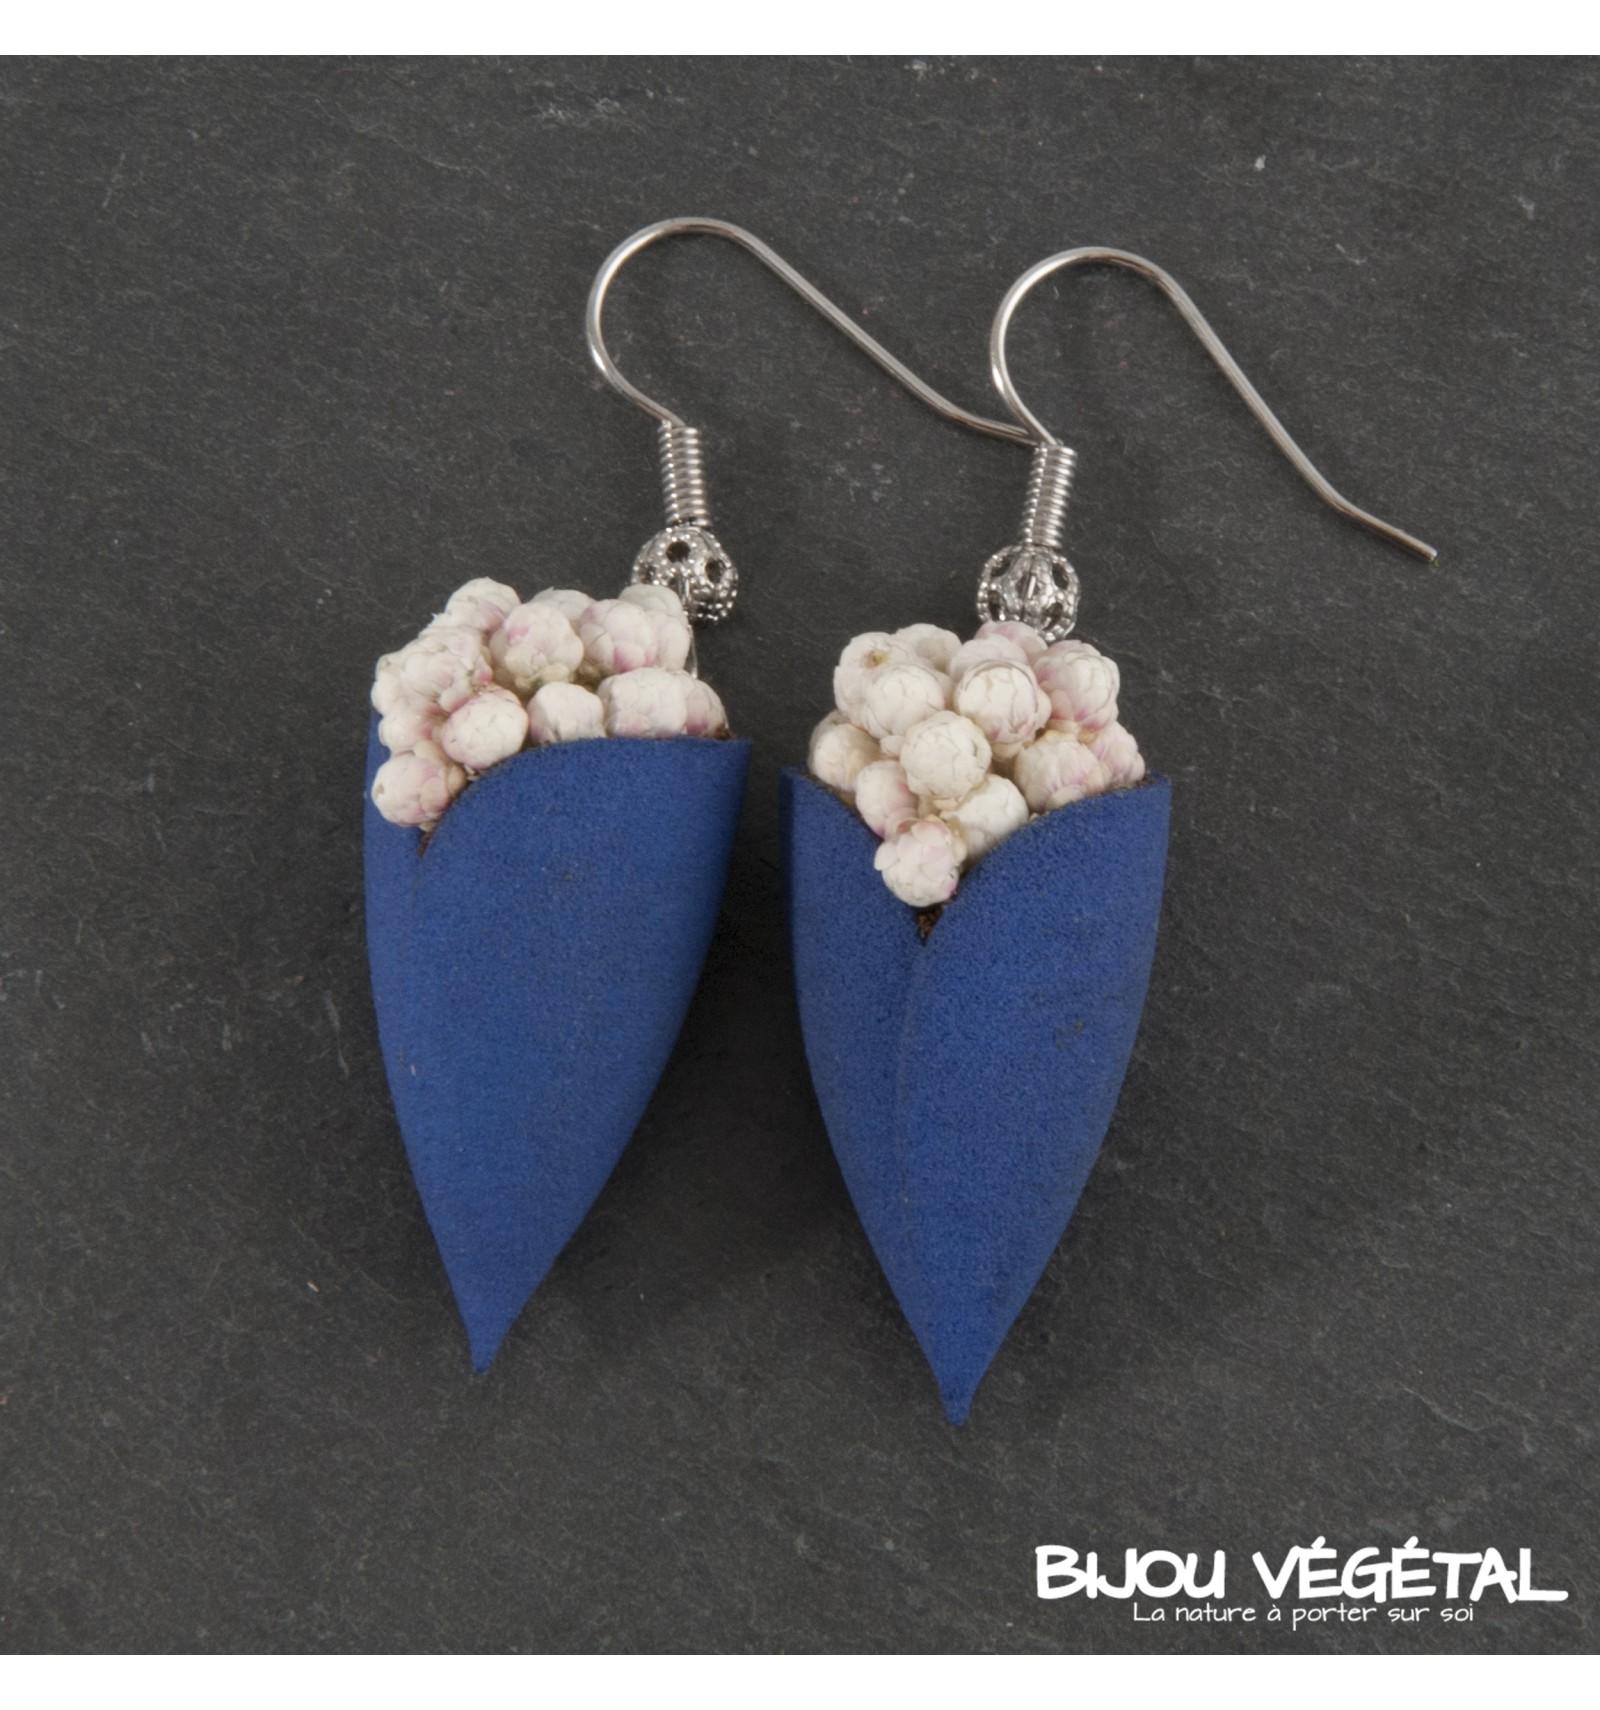 Živé šperky - Náušnice Tulipán modré s trvalými bílými kvšty